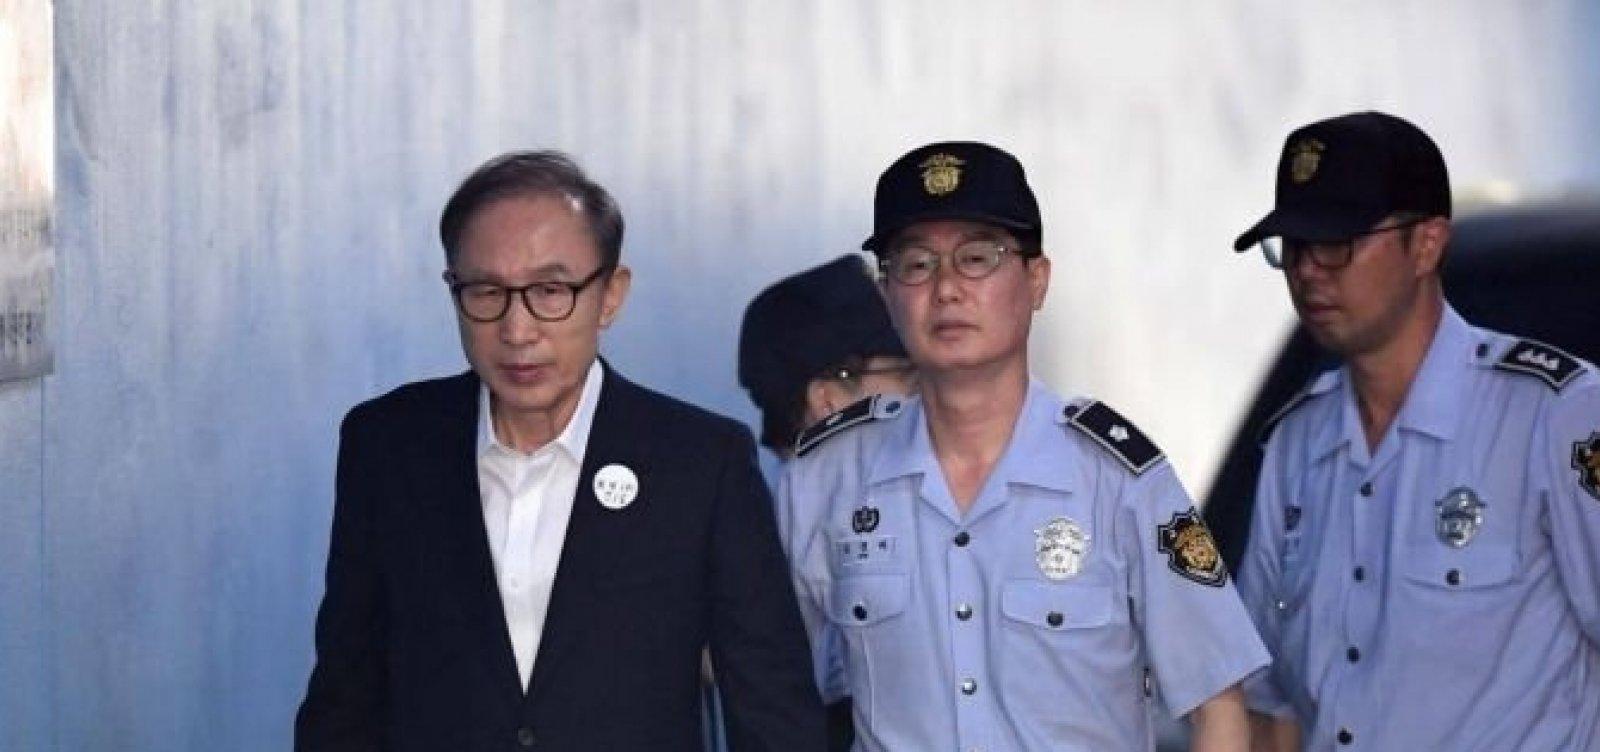 [Ex-presidente da Coreia do Sul é condenado a 15 anos de prisão]